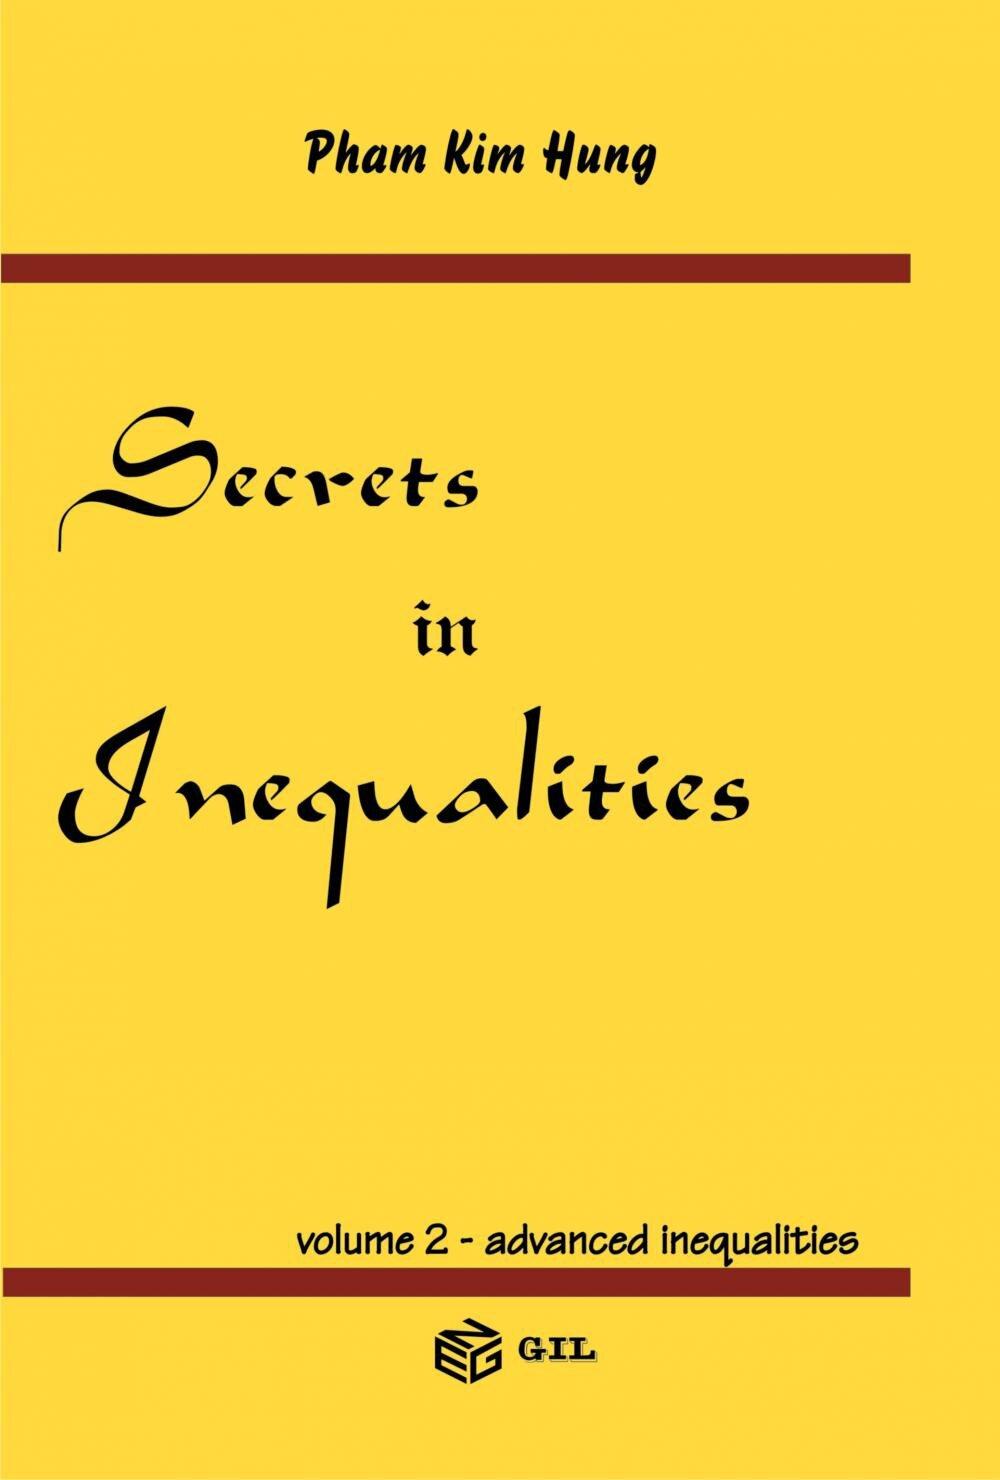 Secrets in inequalities Vol II (eBook)